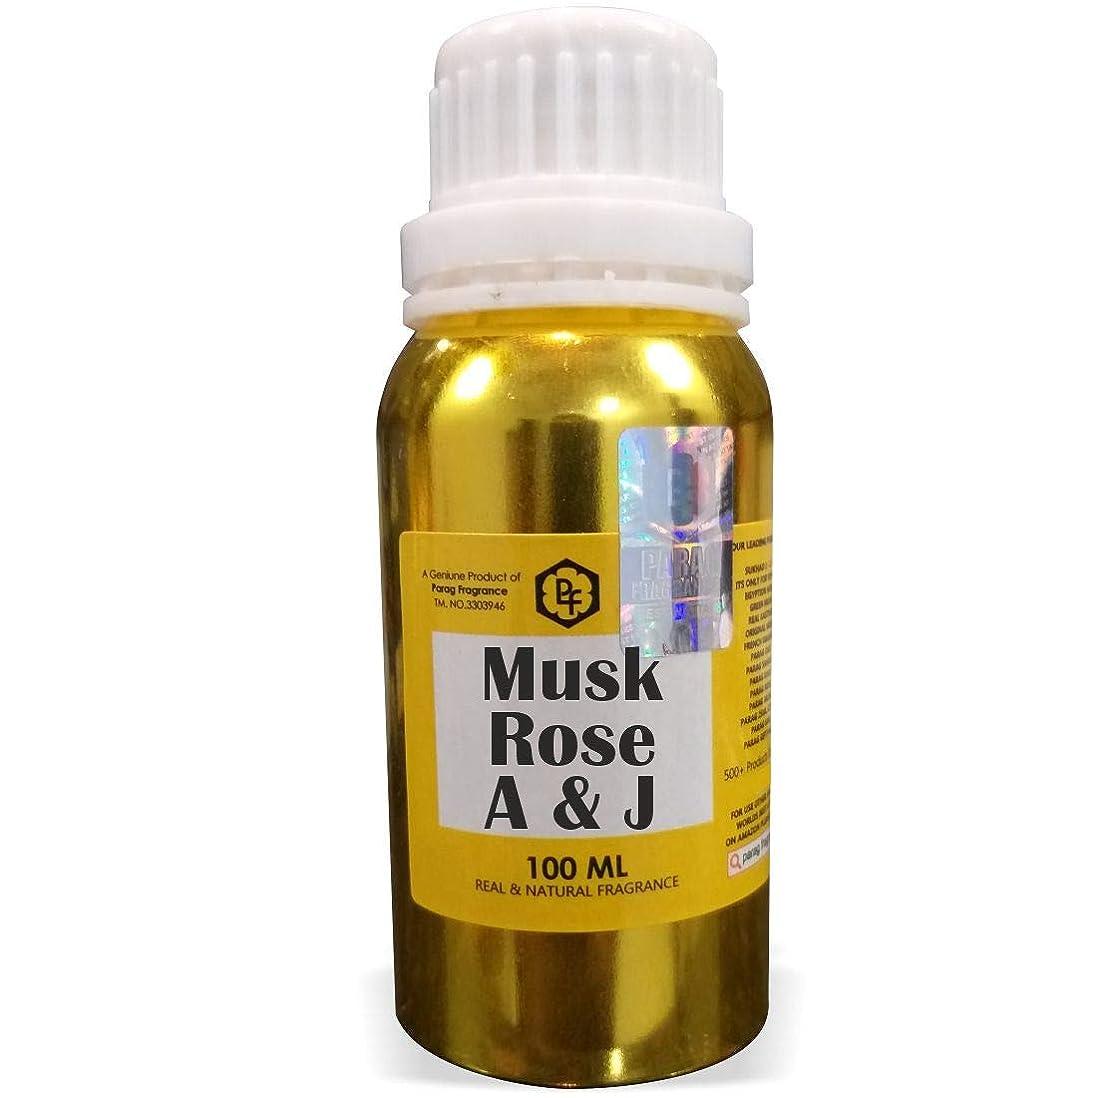 そうり乱れParagフレグランスムスクローズA&Jアター100ミリリットル(男性用アルコールフリーアター)香油  香り  ITRA